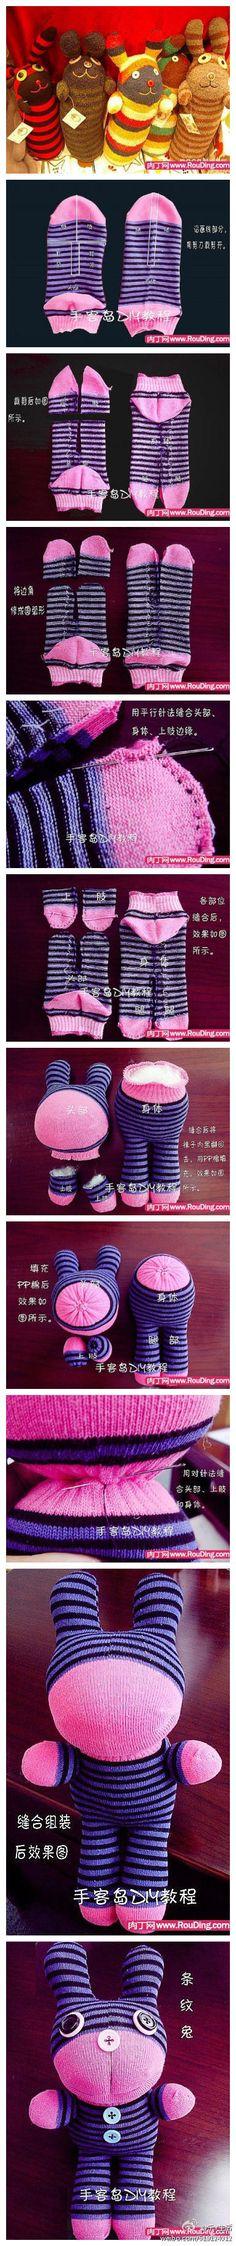 boneco com meias